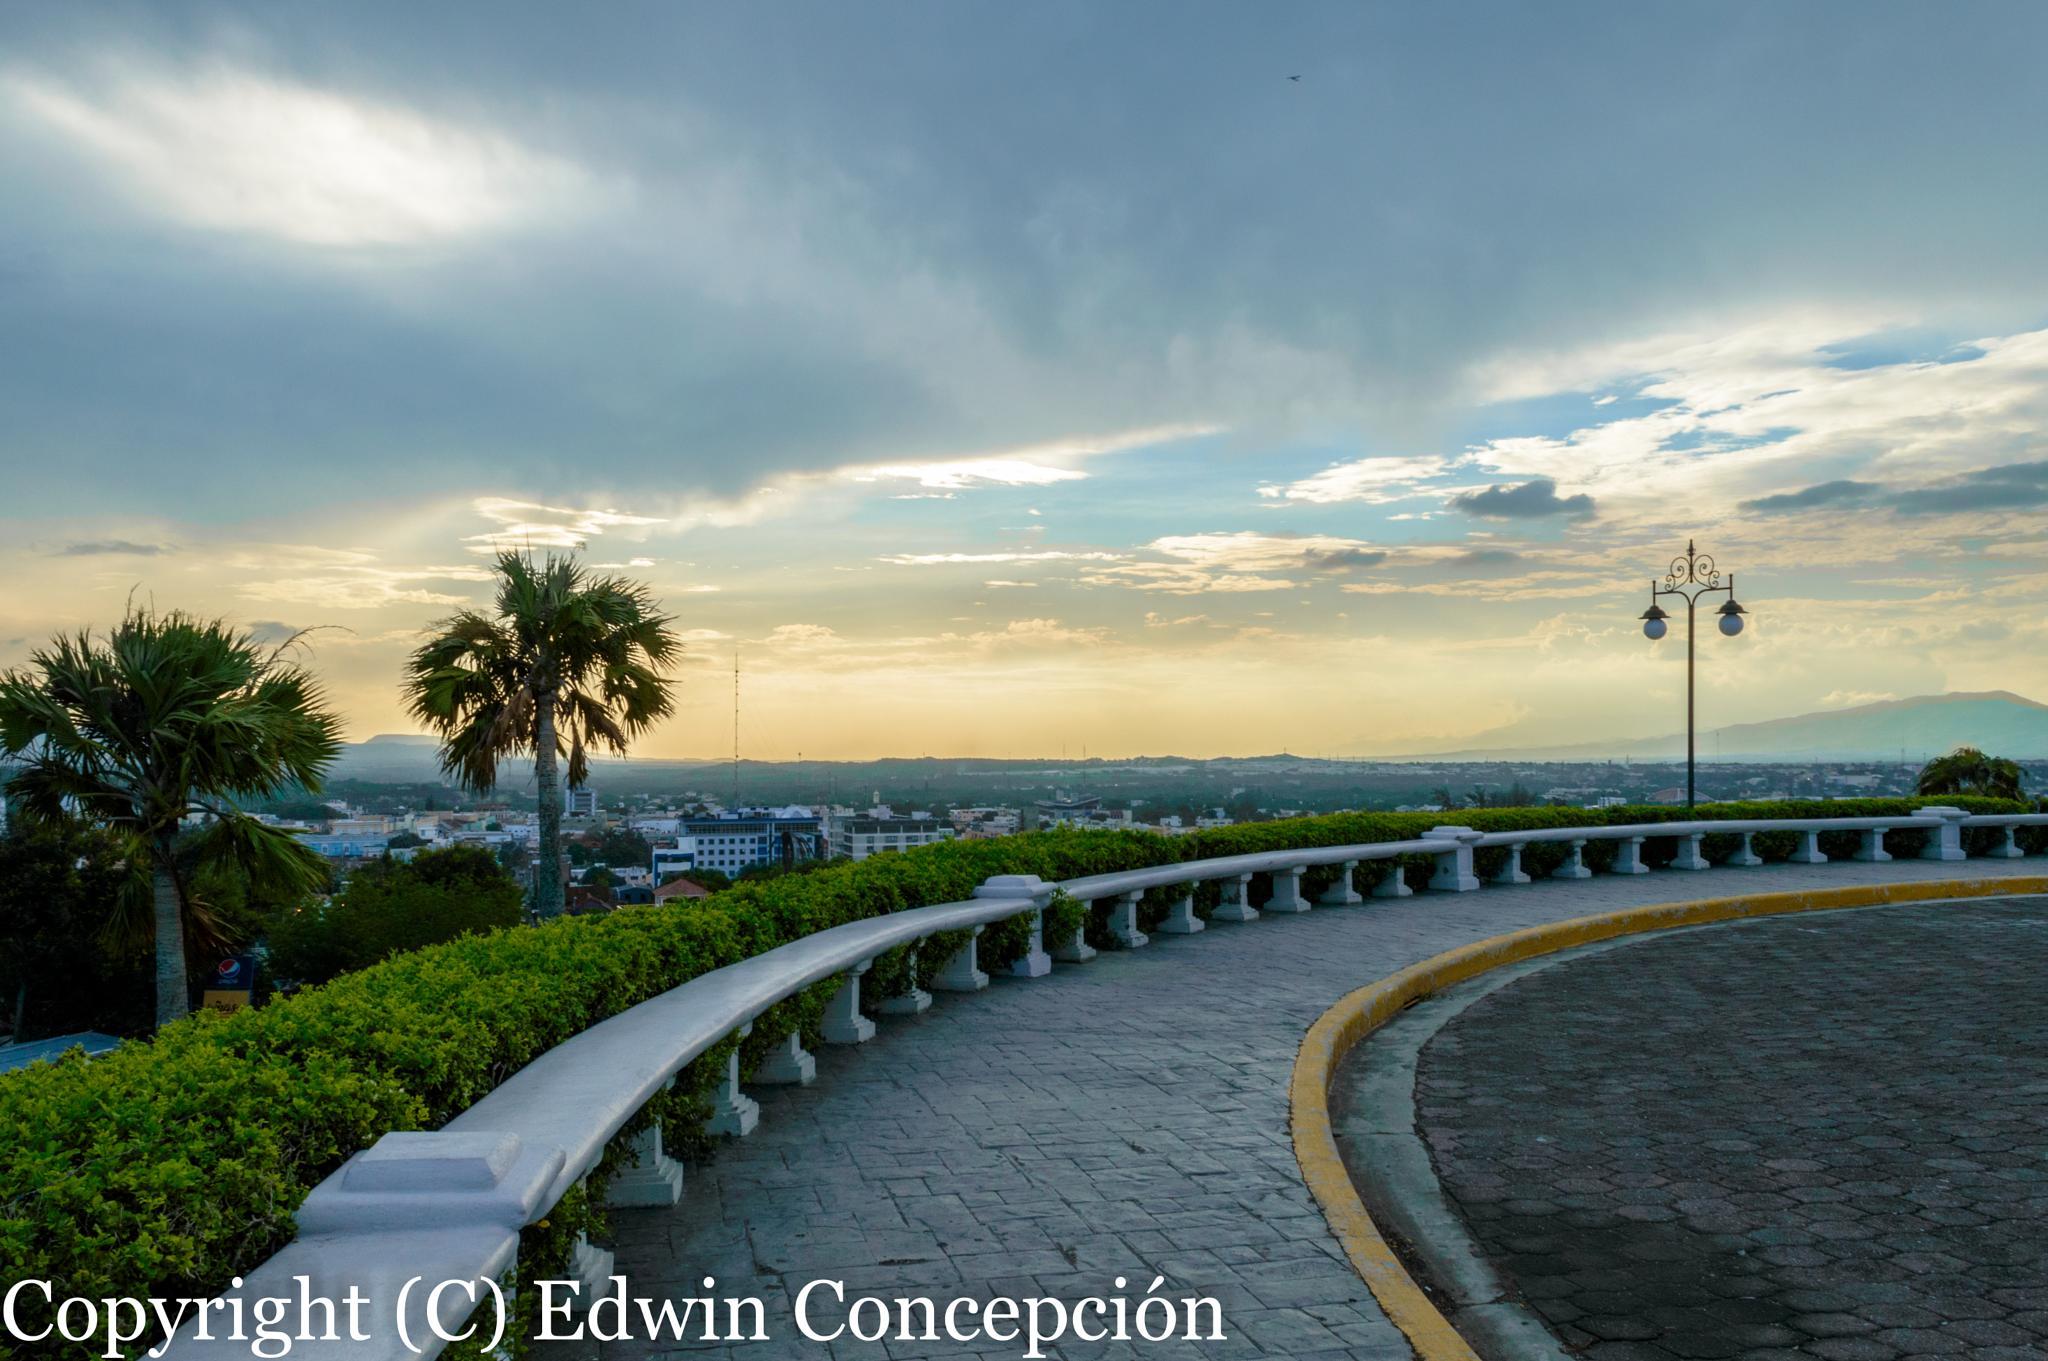 Atardecer en el Monumento by Edwin Concepción